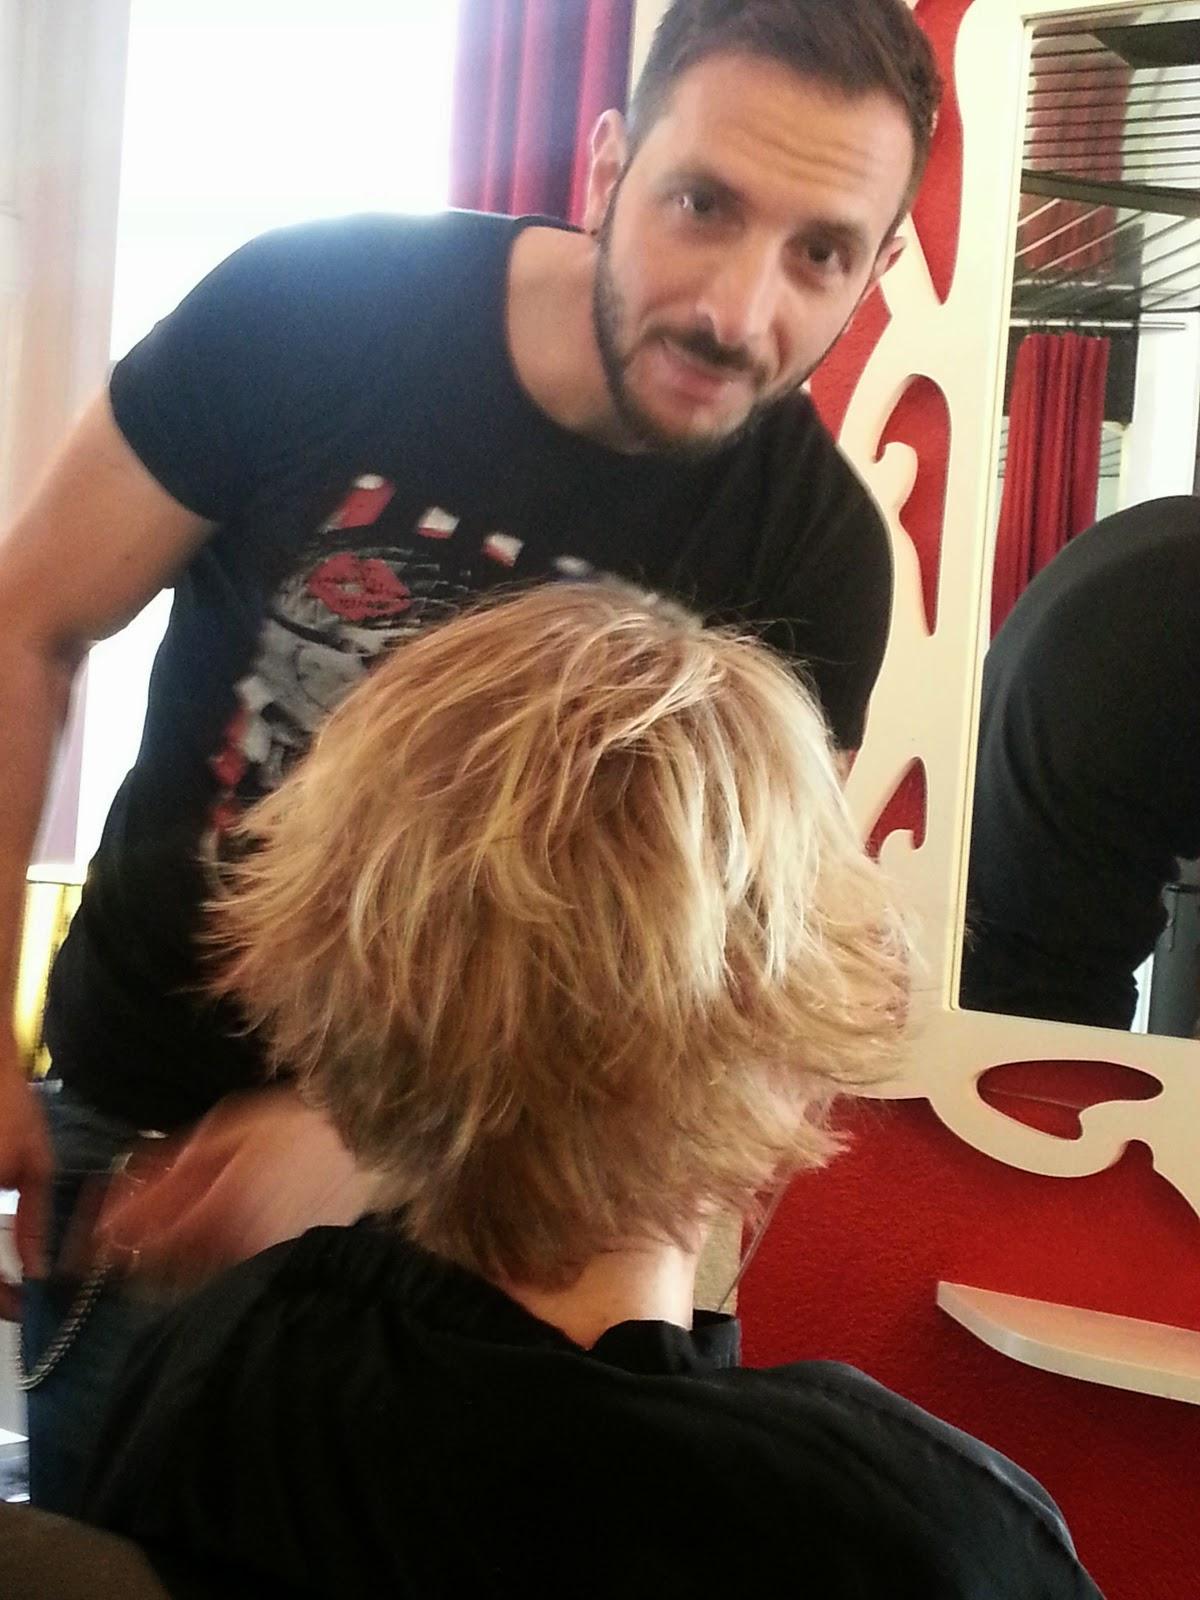 Exceptionnel Cheveux Fins Sans Volume Quelle Coupe Zm26 Montrealeast